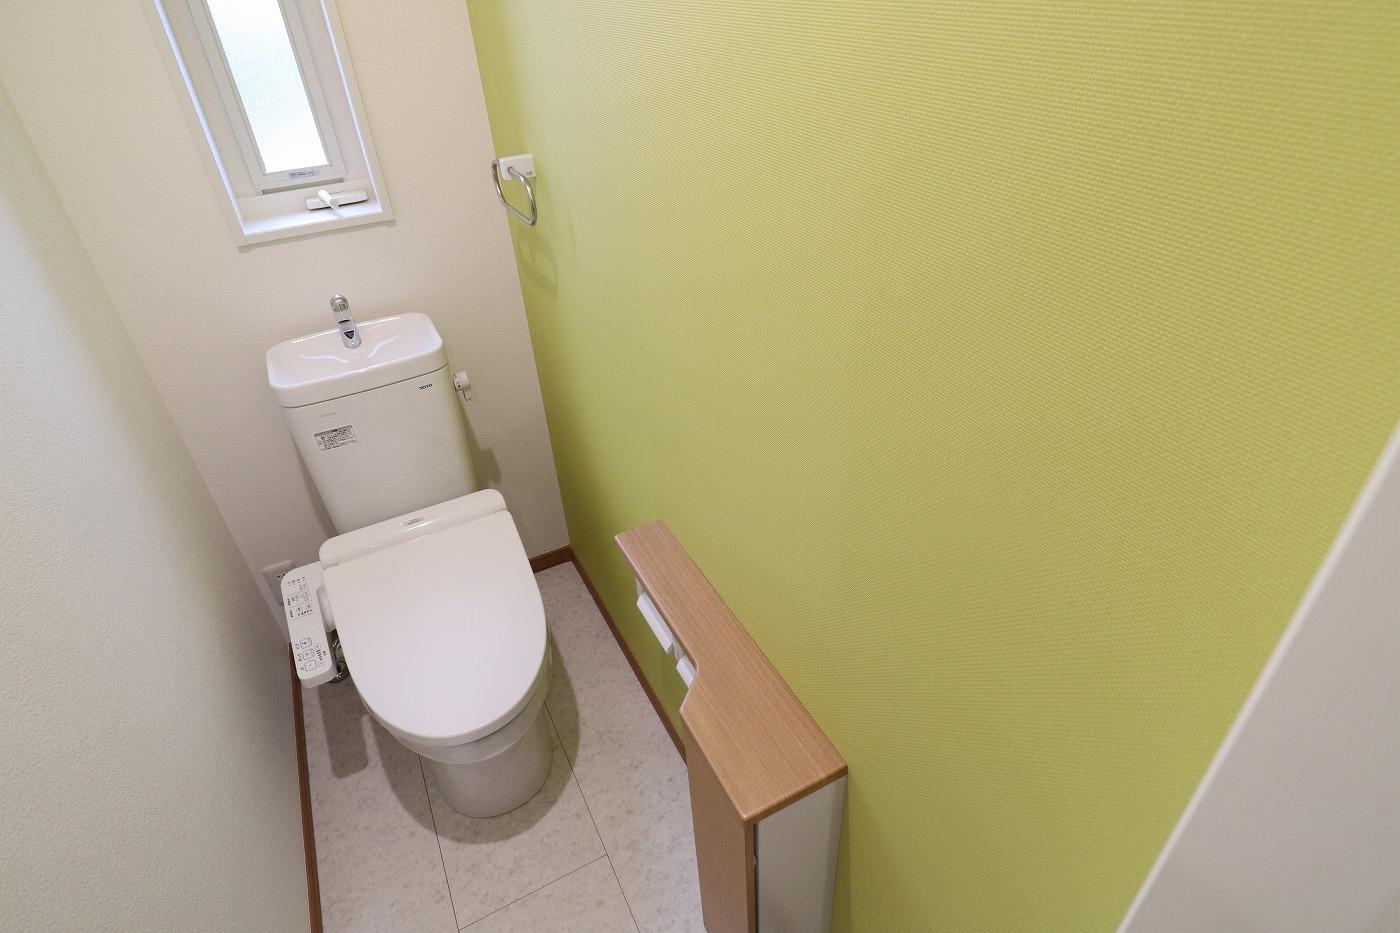 高松市太田下町の新築分譲住宅のトイレ